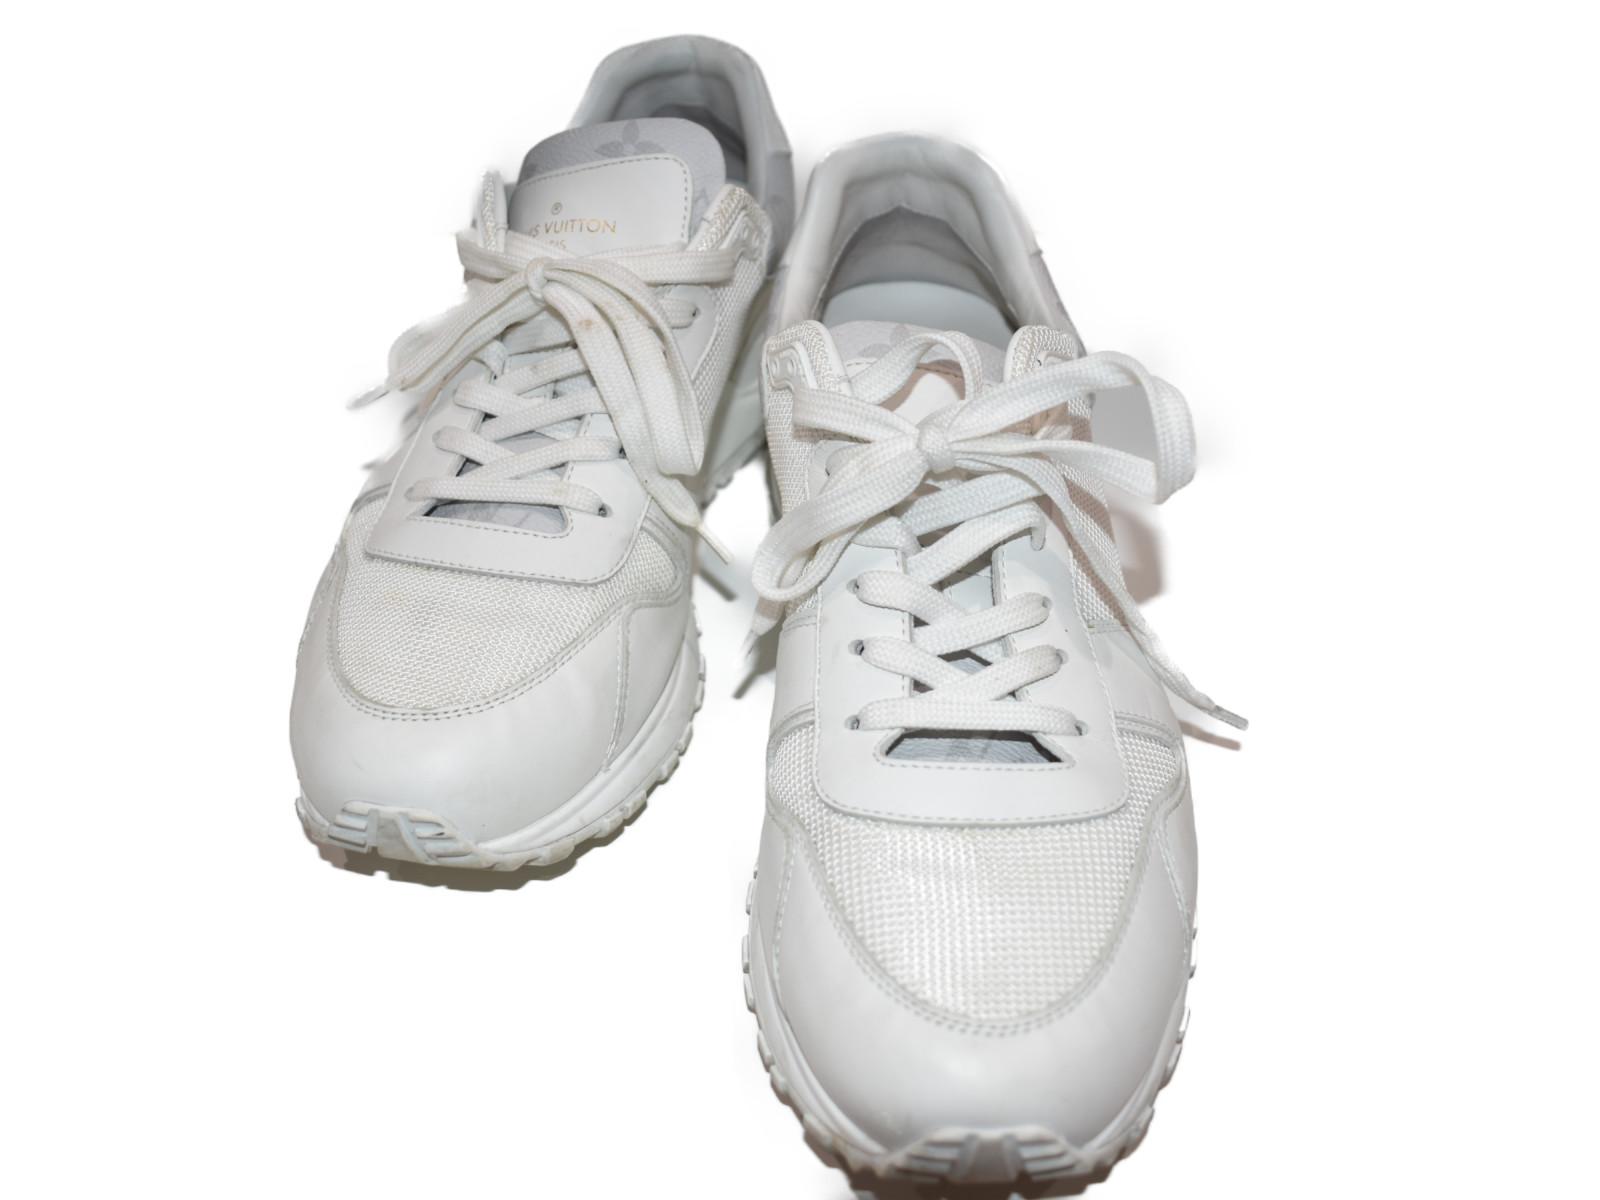 【中古品★】 LOUISVUITTONランアウェイ・スニーカー 1A5AXS ホワイト   スニーカー 靴 ホワイト 人気 中古  【中古】